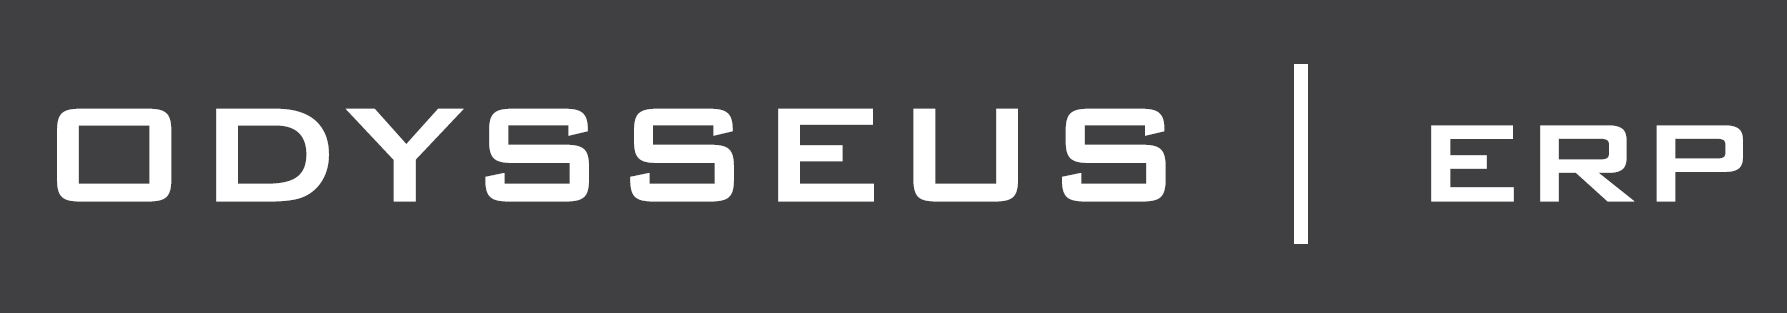 Odysseus ERP website